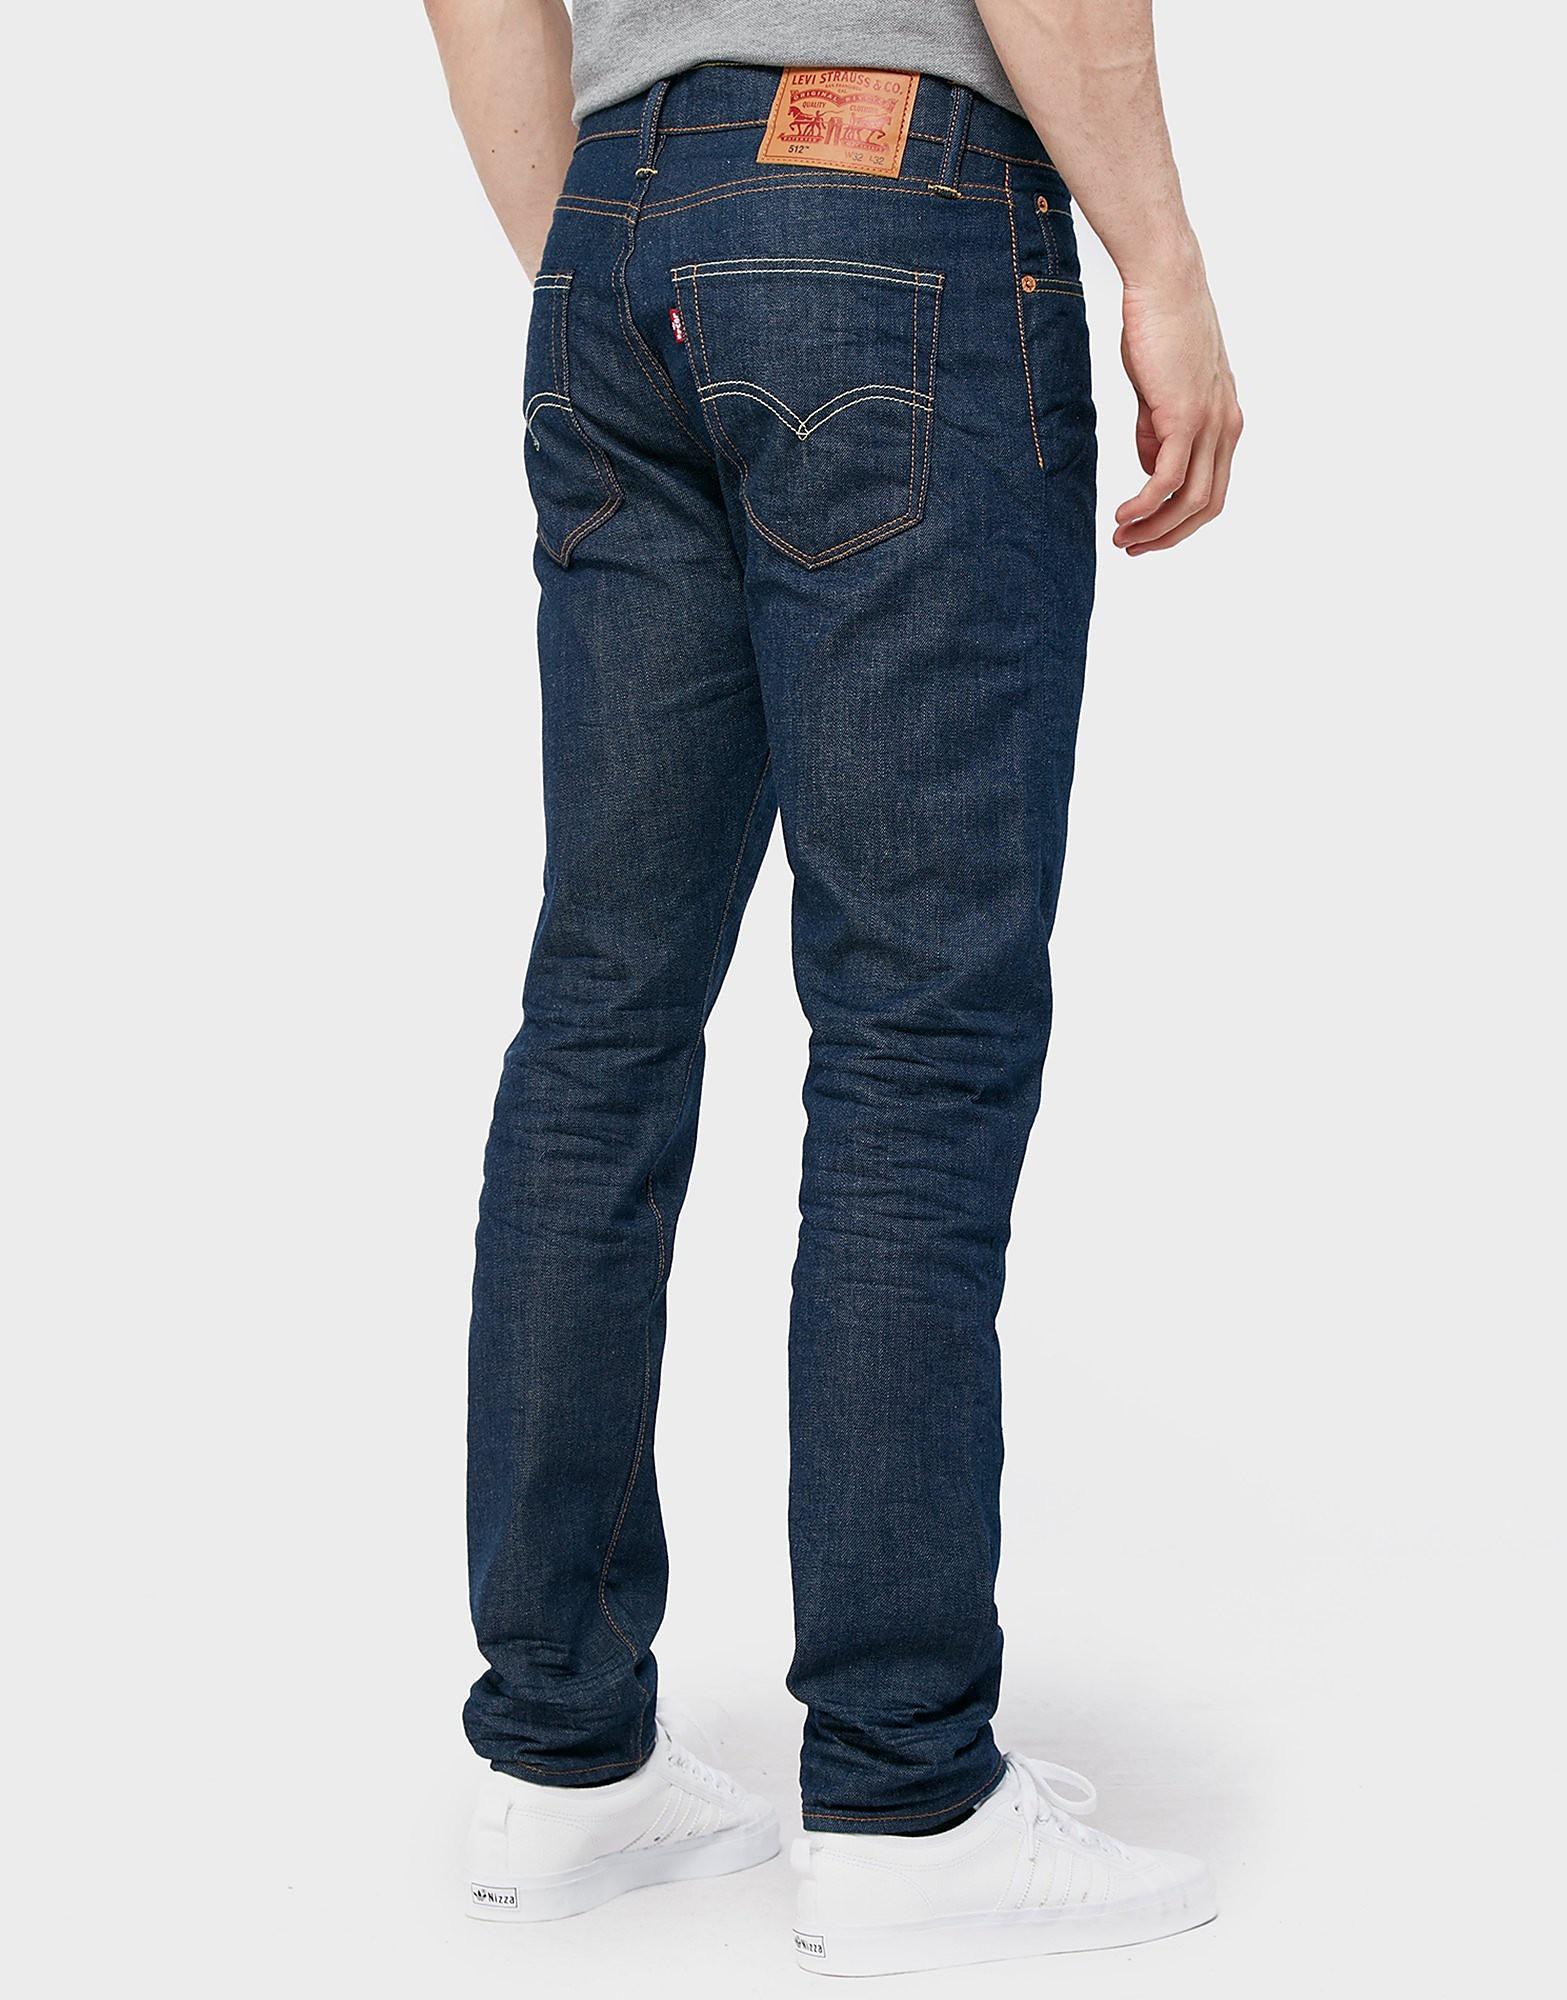 Levis 512 Broken Jeans